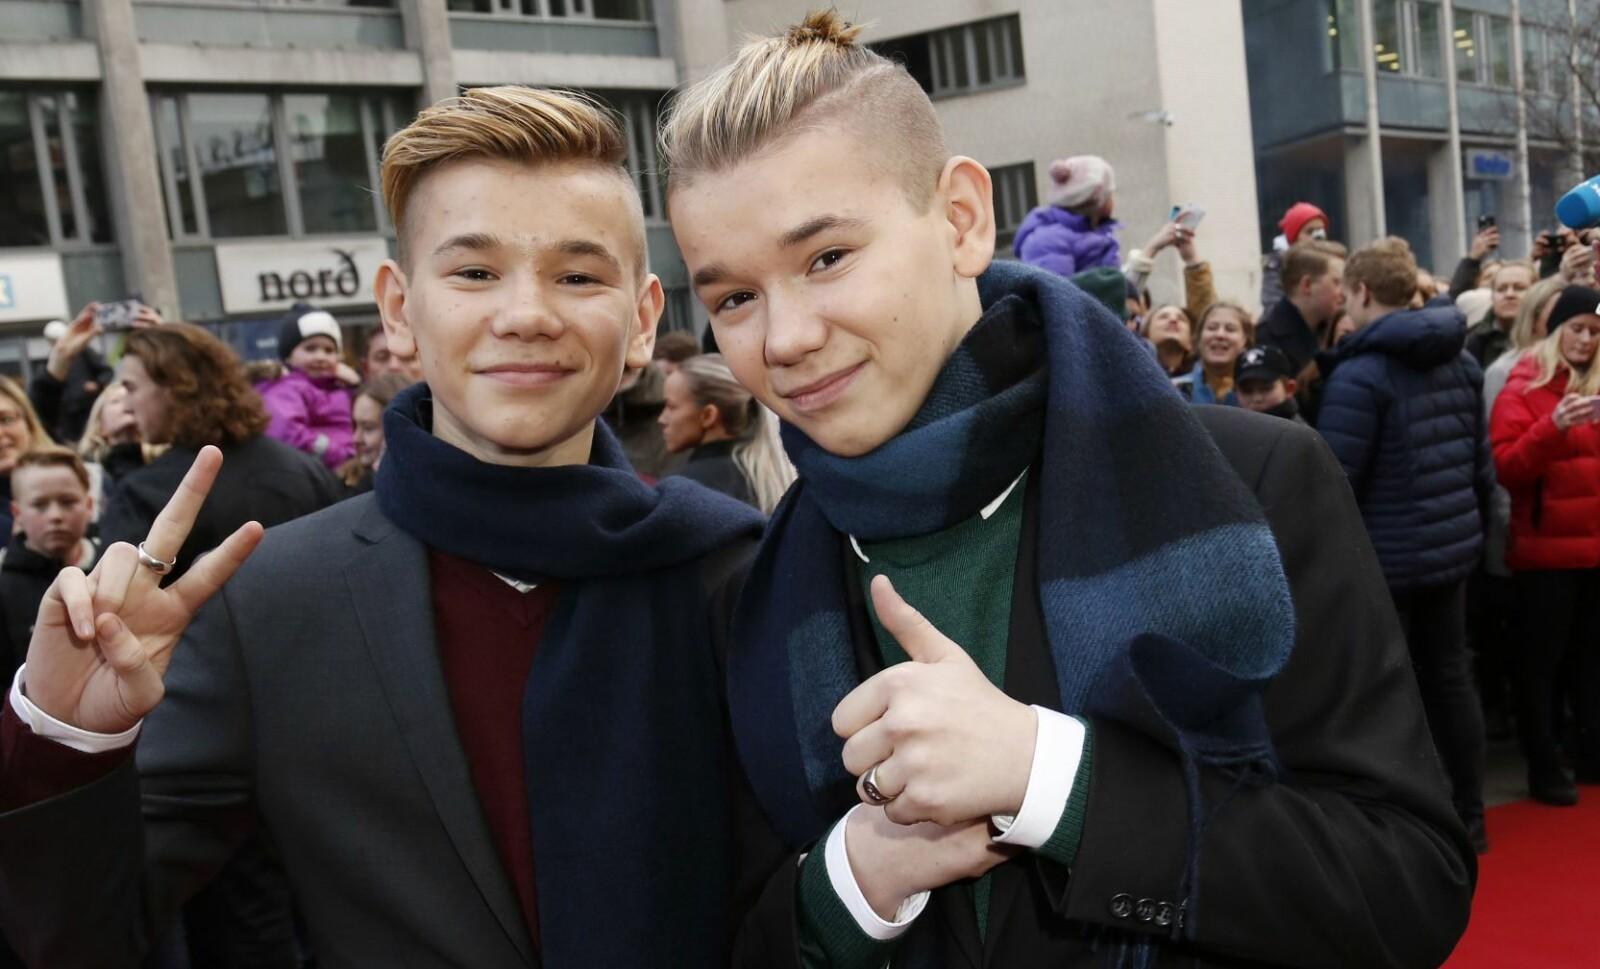 <b>STJERNER:</b> 12,4 millioner kroner kostet det å lage filmen om popstjernene Marcus og Martinus som hadde premiere i januar 2017. Staten bidro med 9,1 millioner kroner til filmen anmeldere kalte «reklamefilm».